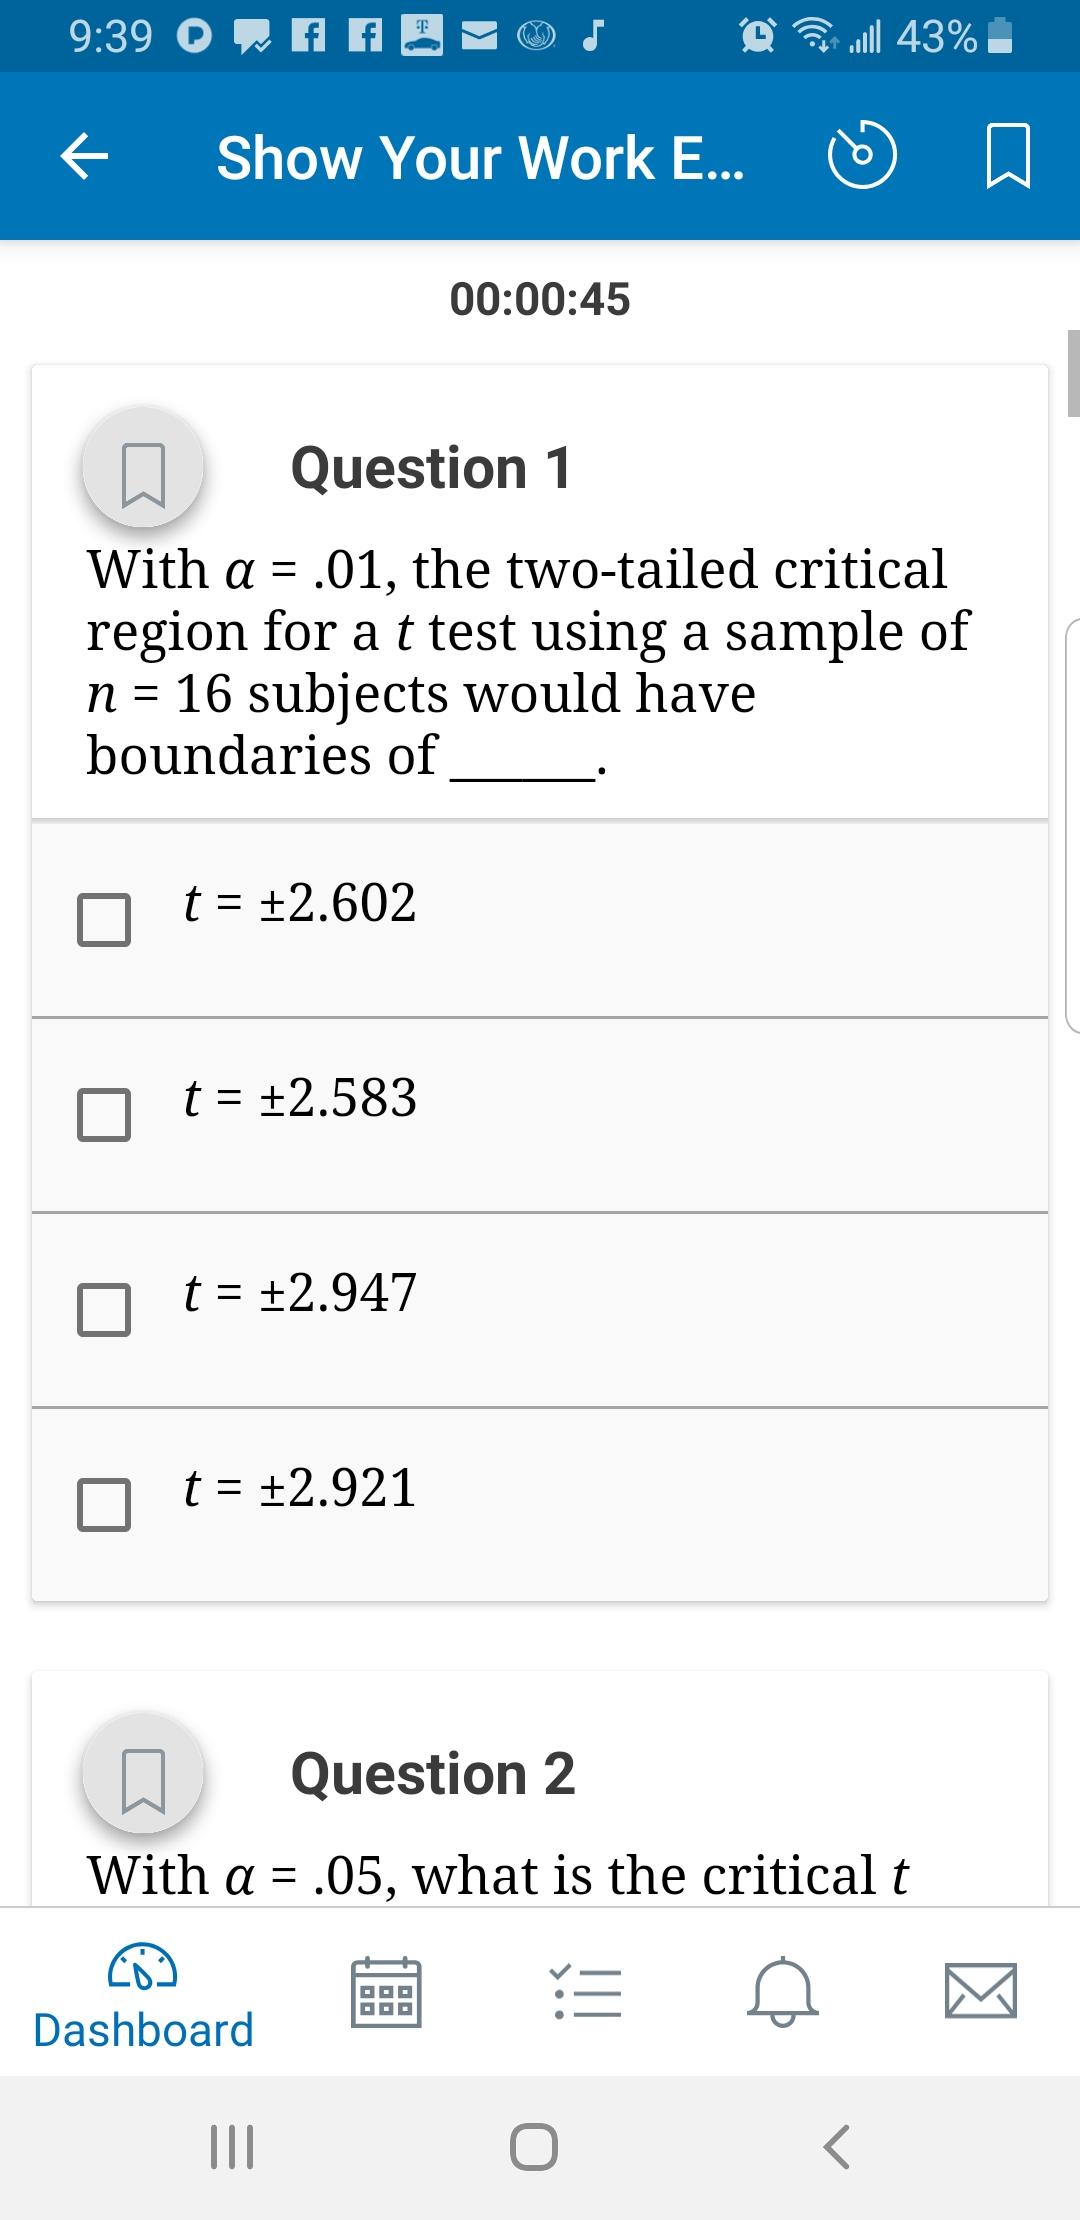 ริ 111 43% Show Your Work E... D 00:00:45 Question 1 with α-.01, the two-tailed critical region for a t test using a sample of n- 16 subjects would have boundaries of t2.602 t2.583 nt +2.947 Question 2 with α-.05, what is the critical t Dashboard